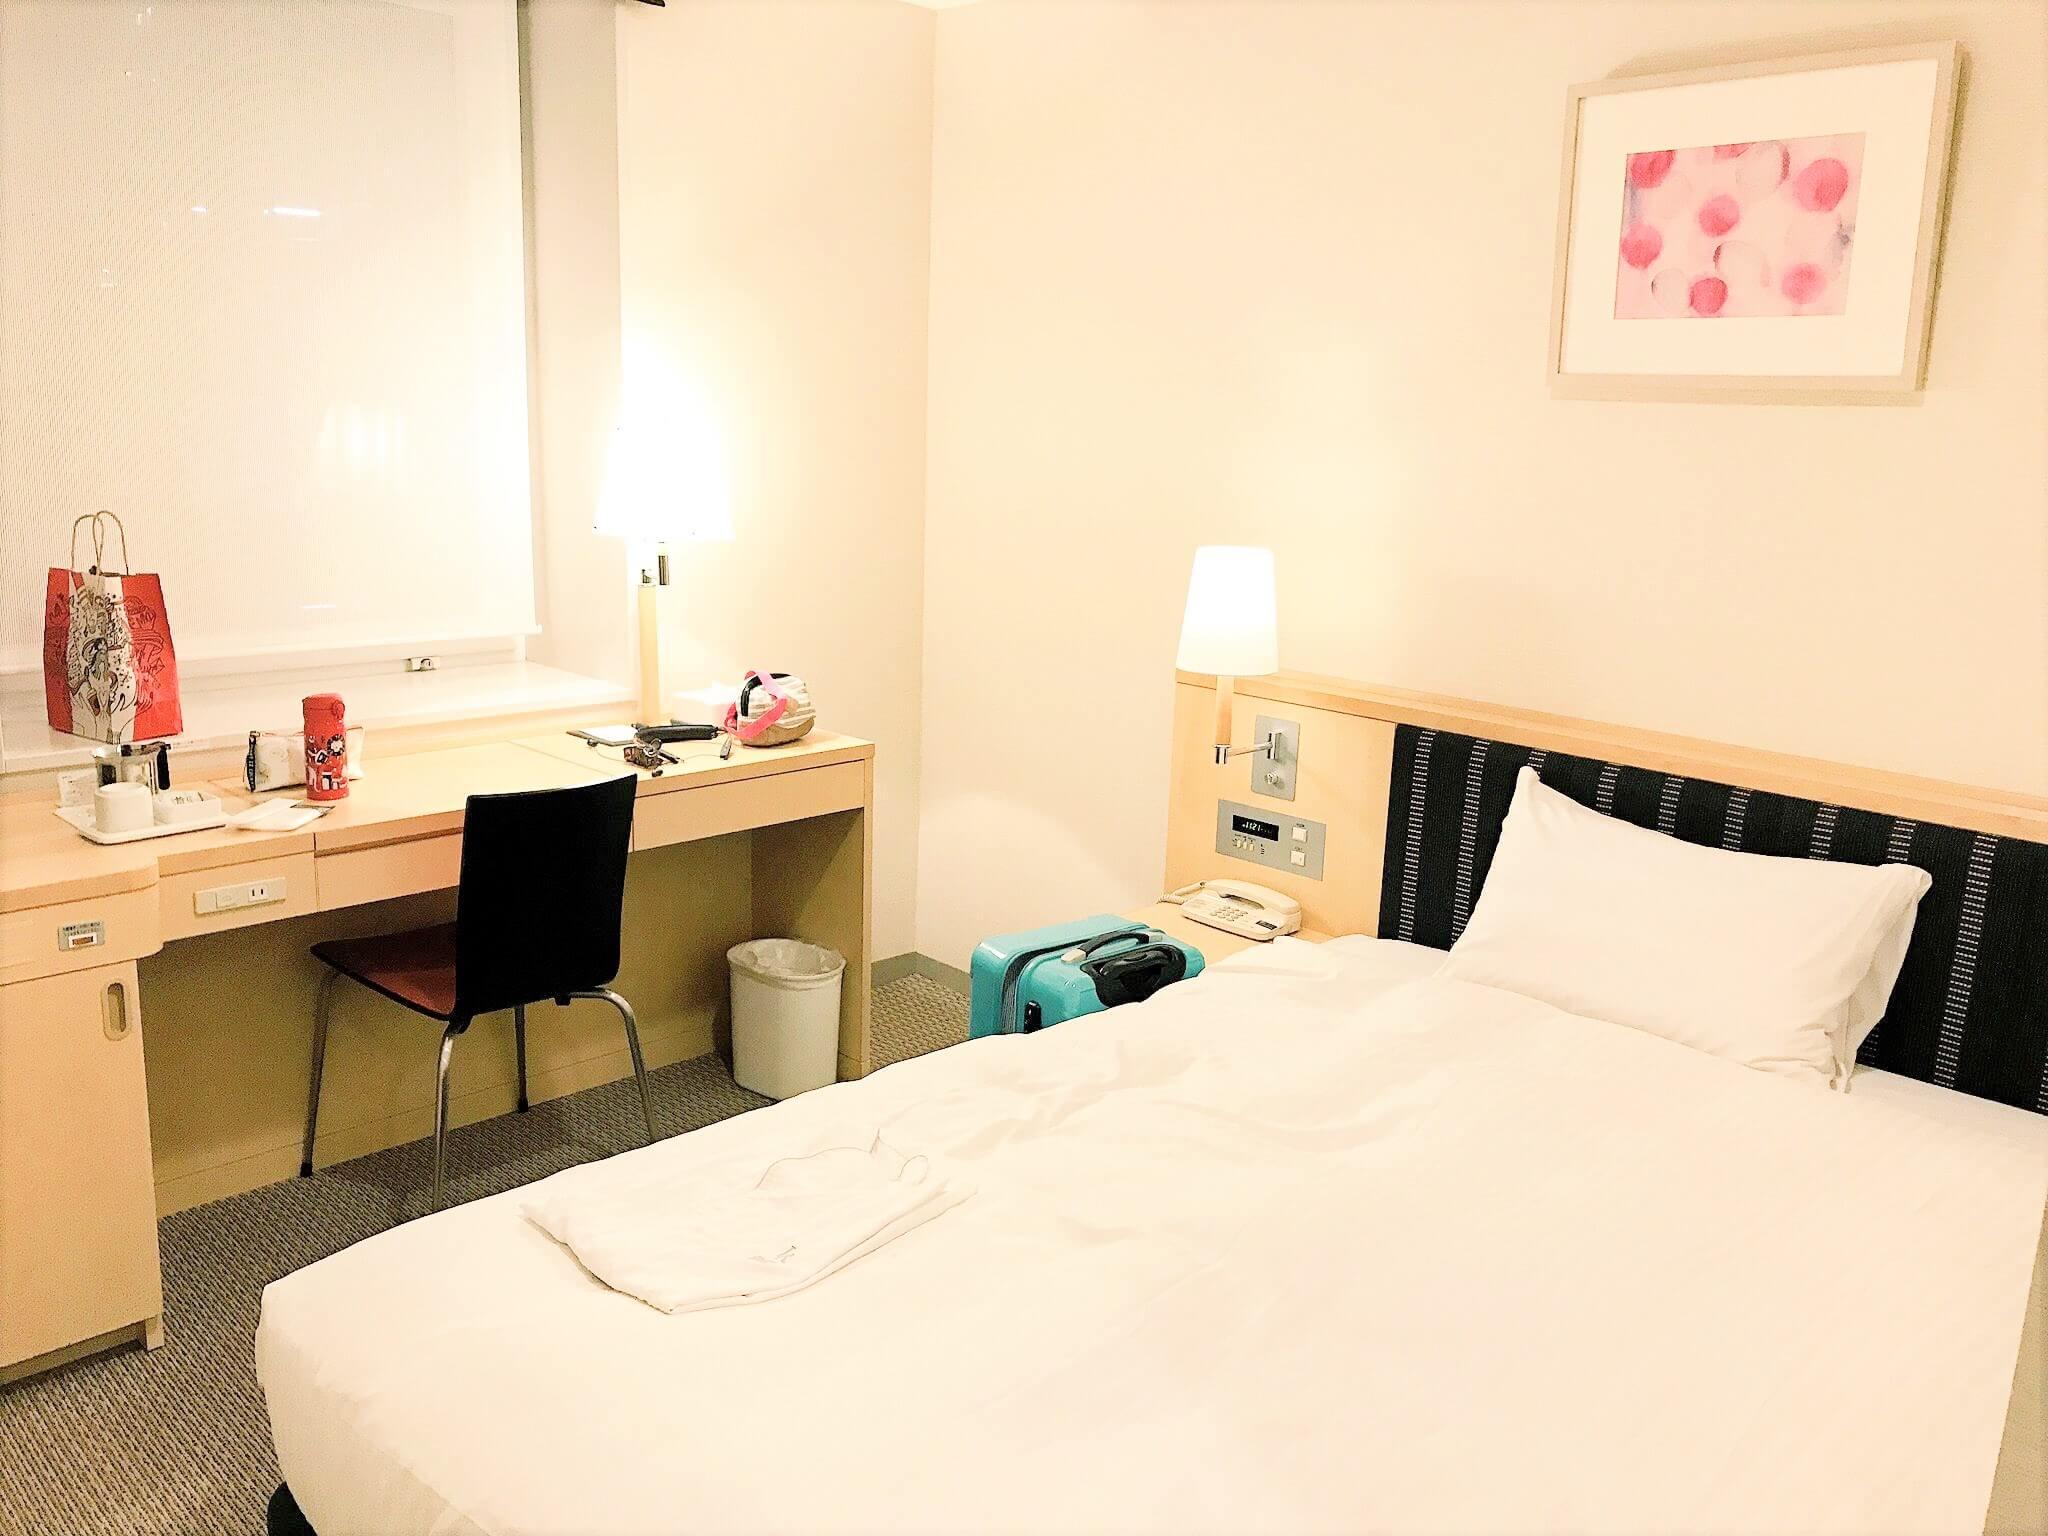 【仙台】リーズナブルで駅近。ライブラリーホテル仙台駅前に泊まってみた!